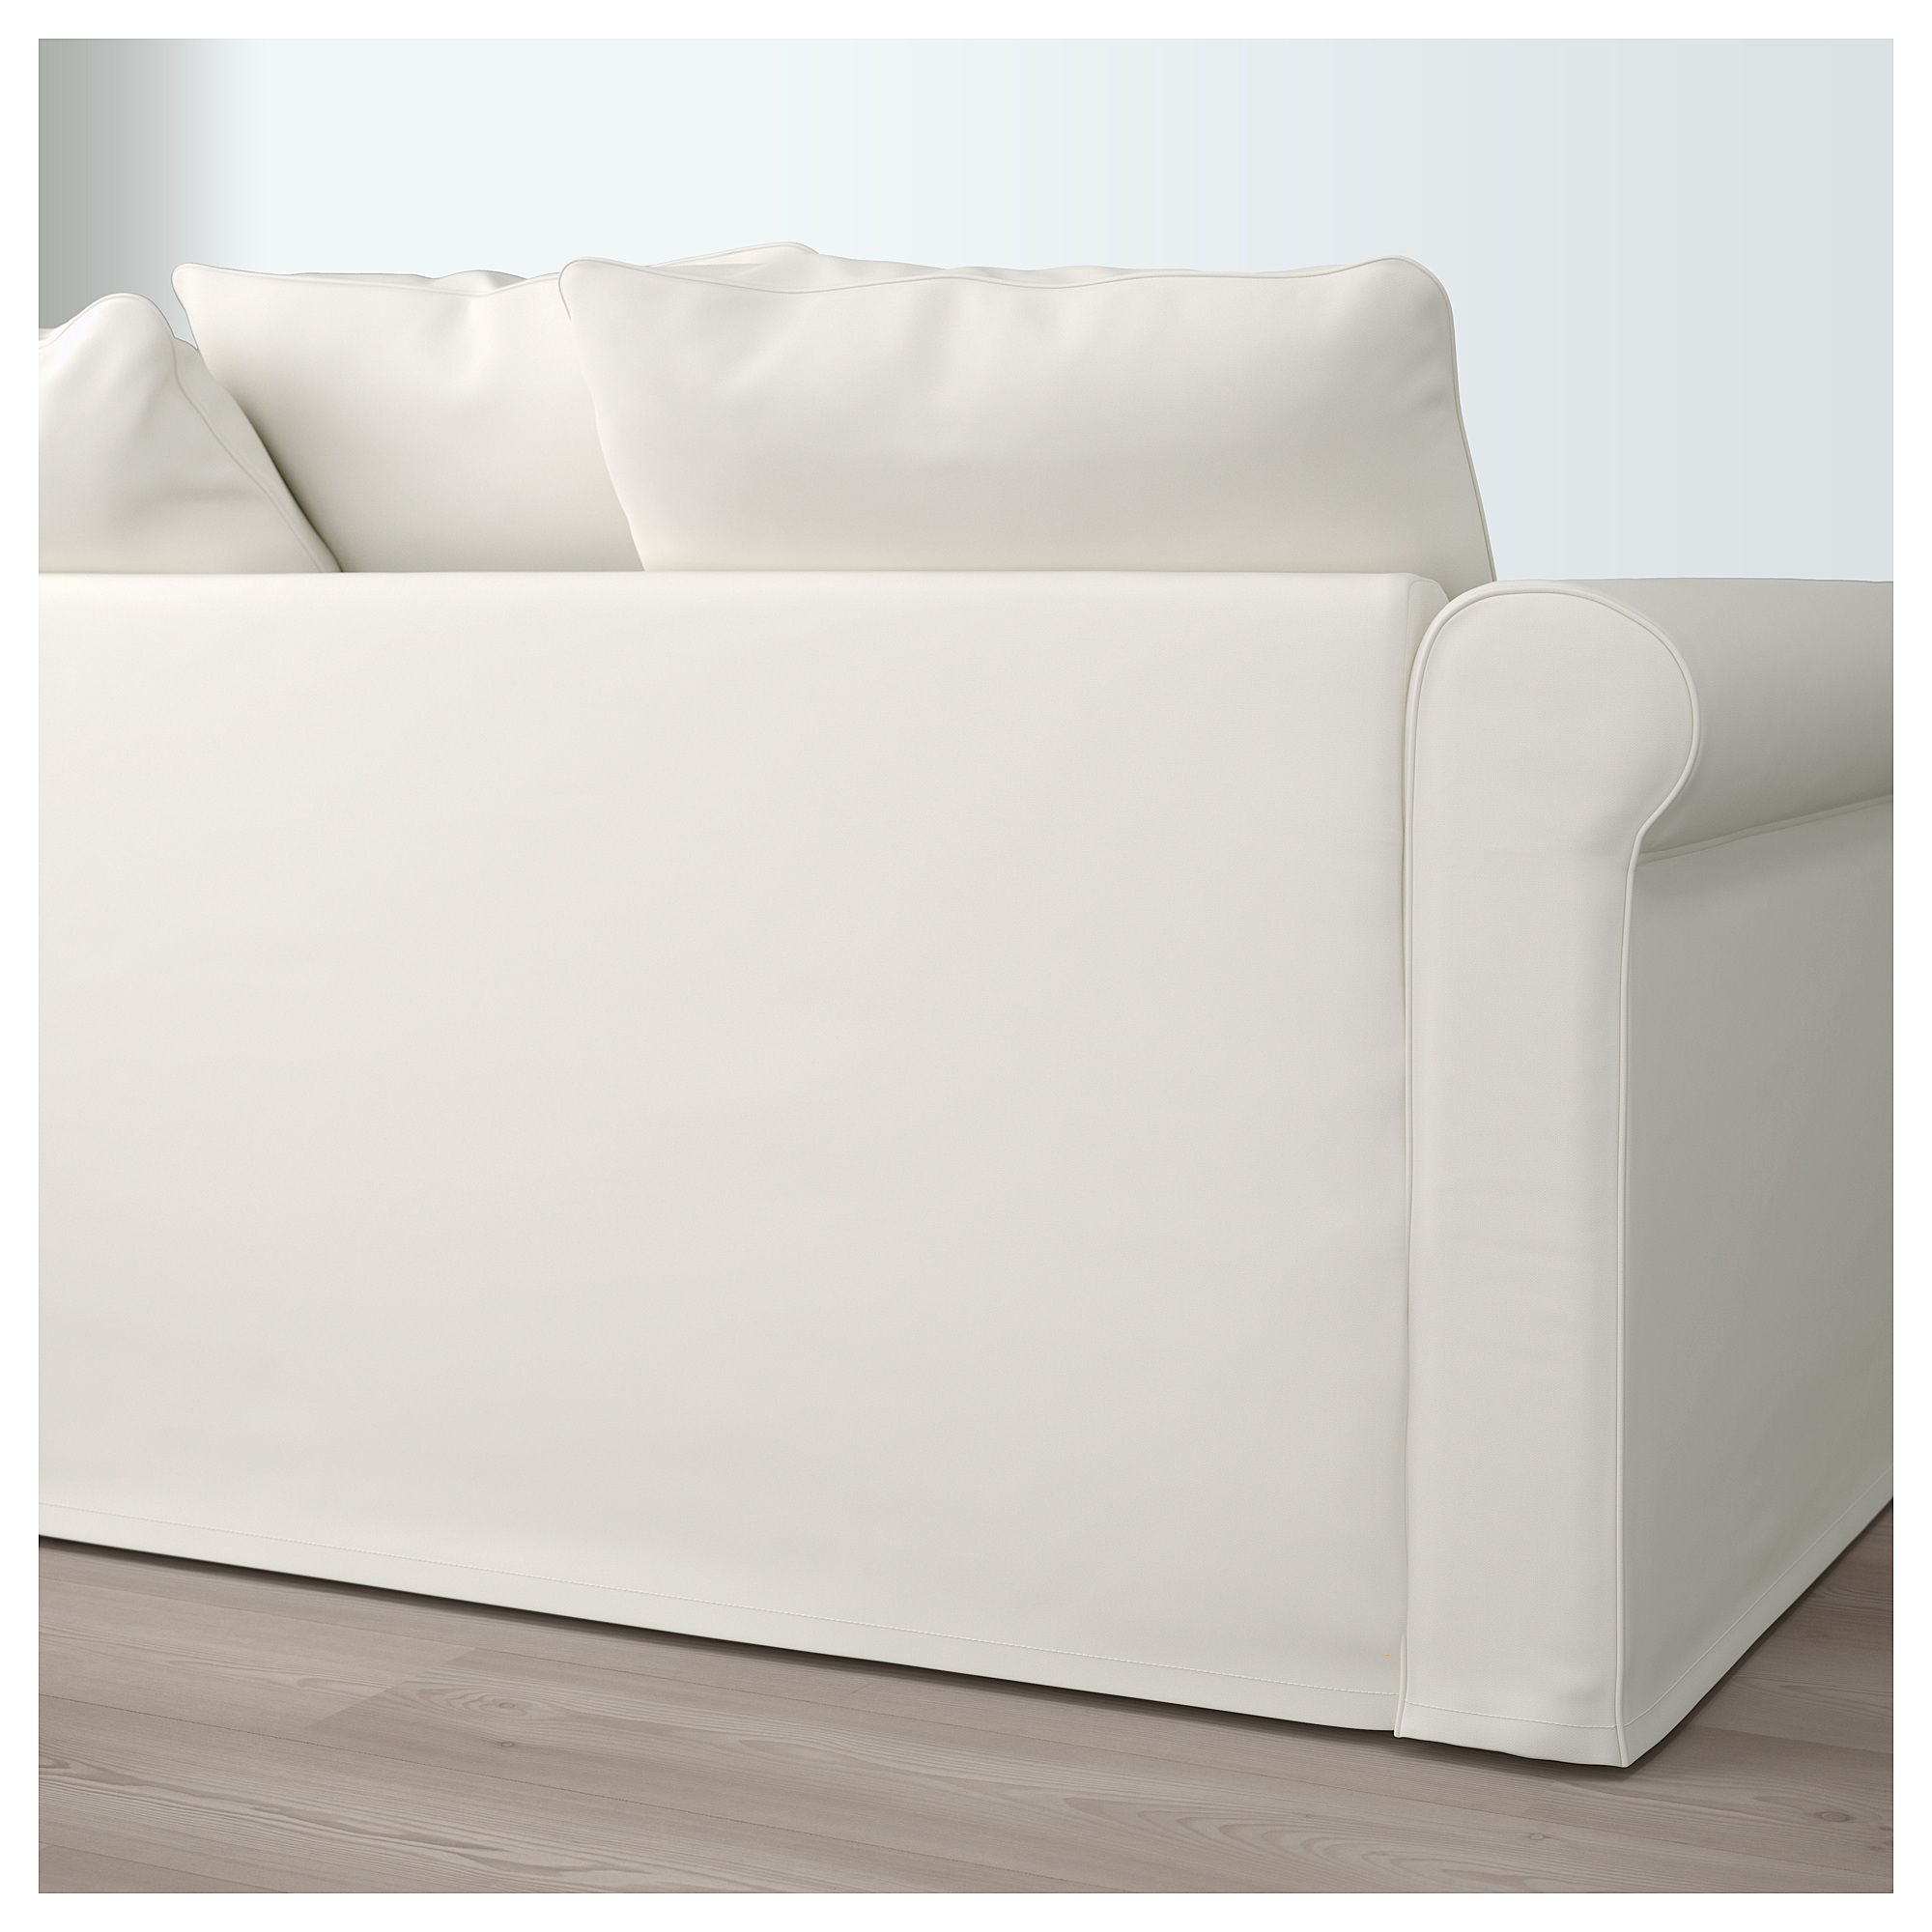 Gronlid 4er Sofa Mit Recamieren Inseros Weiss Ikea Osterreich 3er Sofa Sofa Und Ecksofa